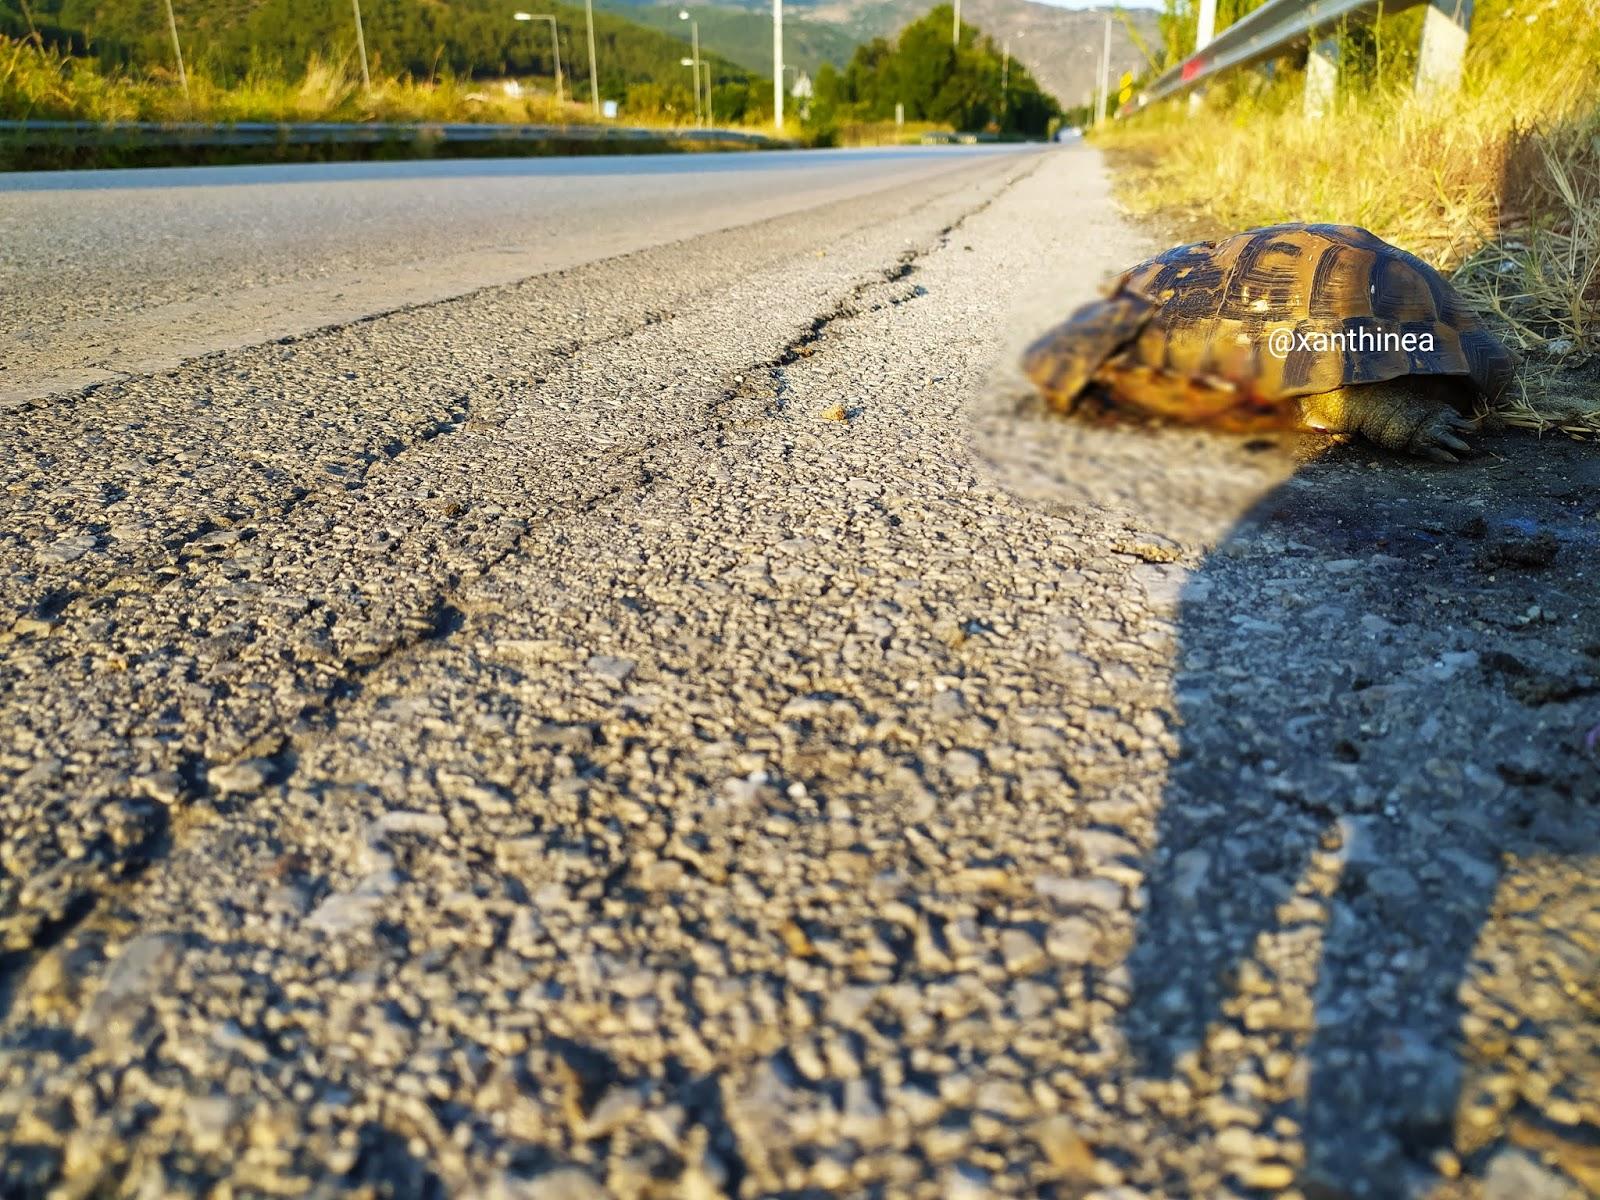 Νεκροταφείο ζώων οι δρόμοι στην Ξάνθη – ΦΩΤΟ